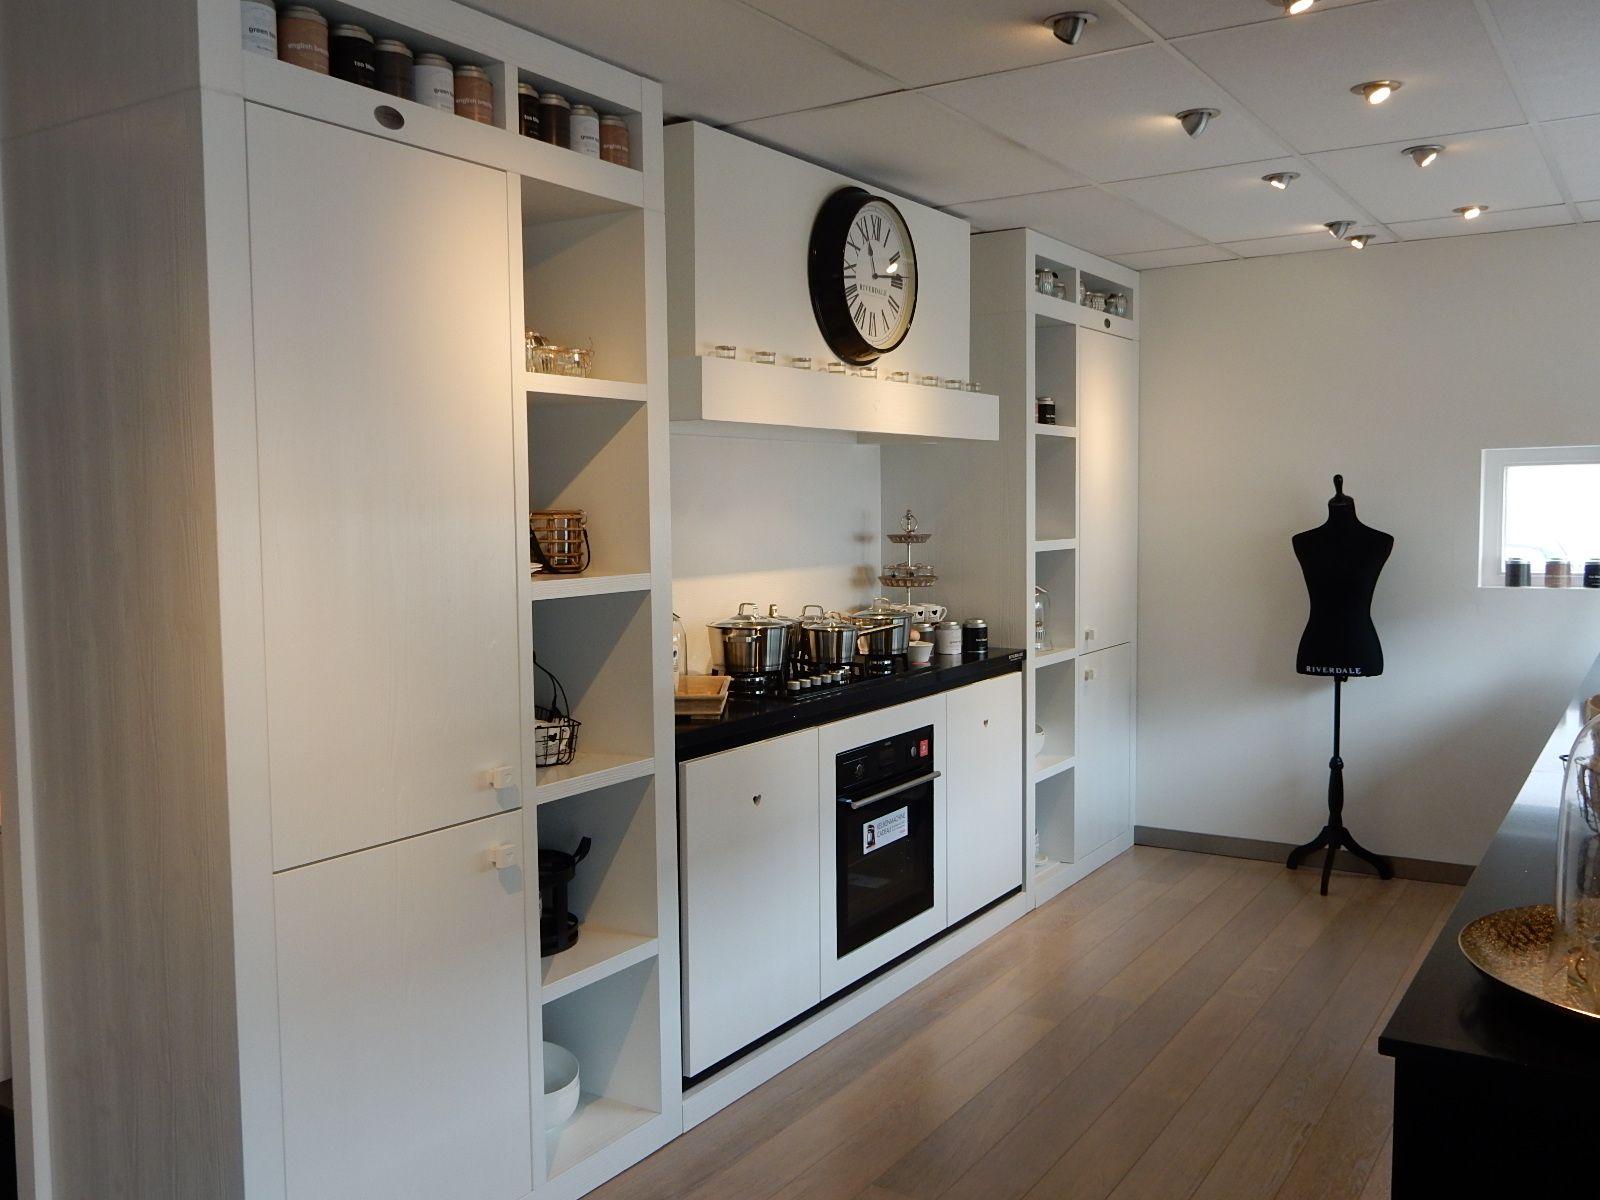 Witte Keuken Ervaring : Showroomkeukens alle showroomkeuken aanbiedingen uit nederland